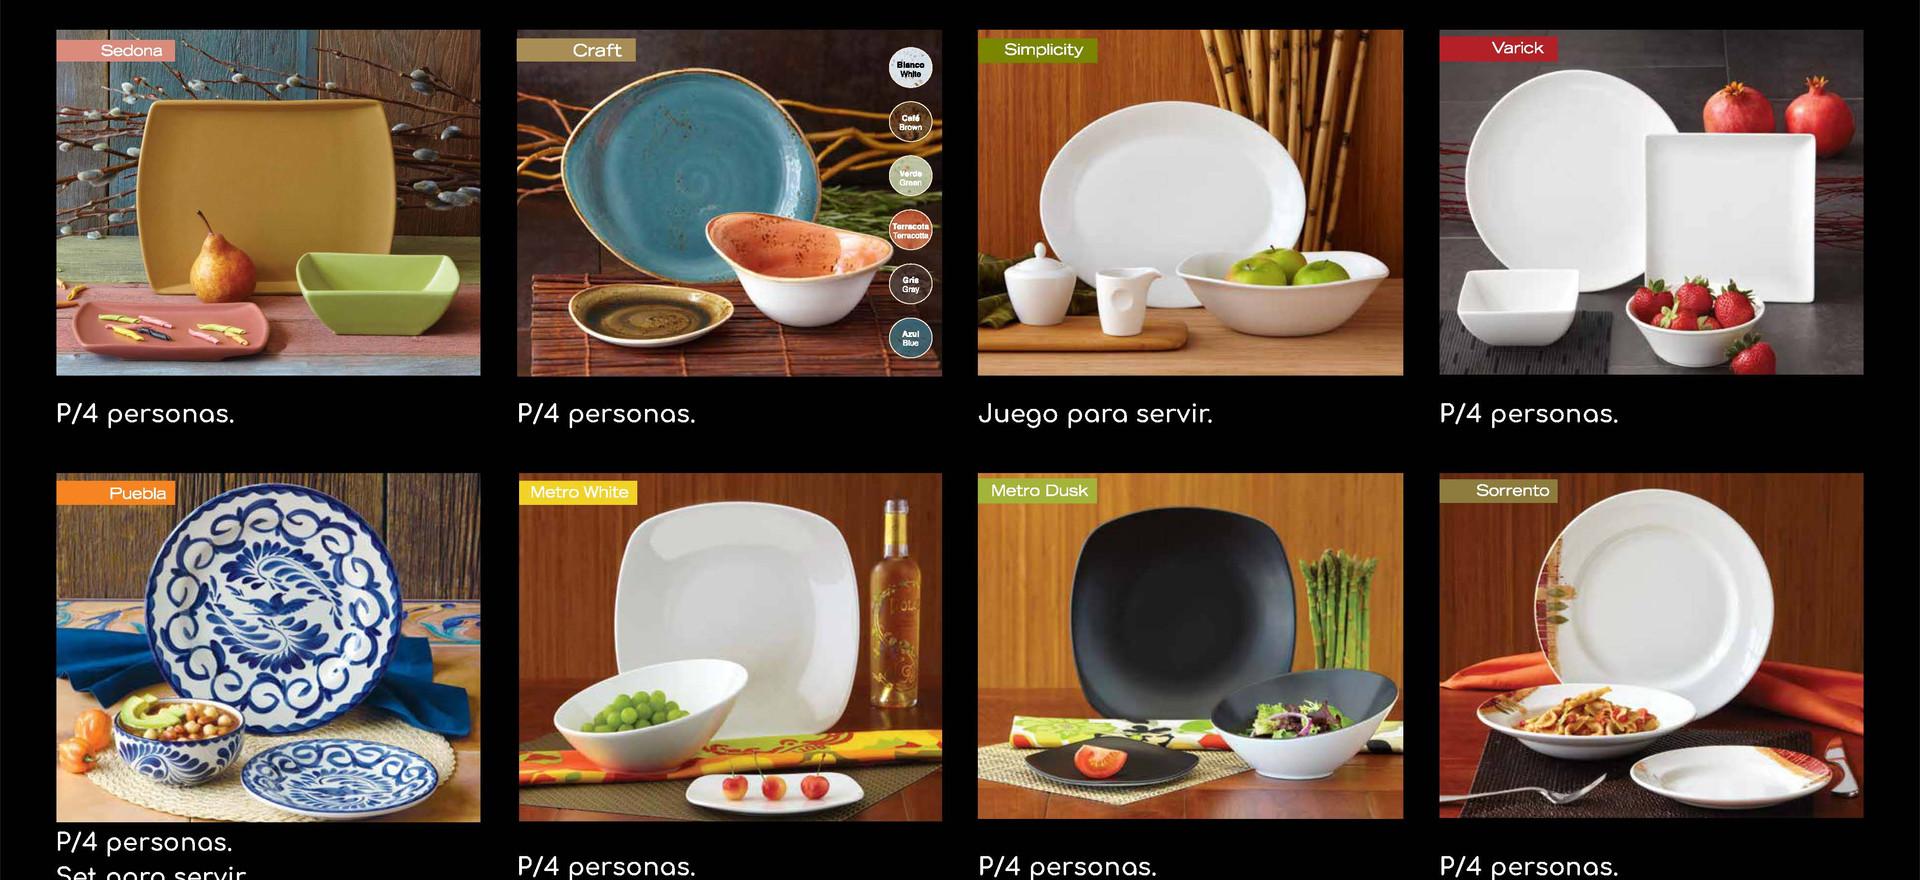 catalogo sin precio_Page_16.jpg